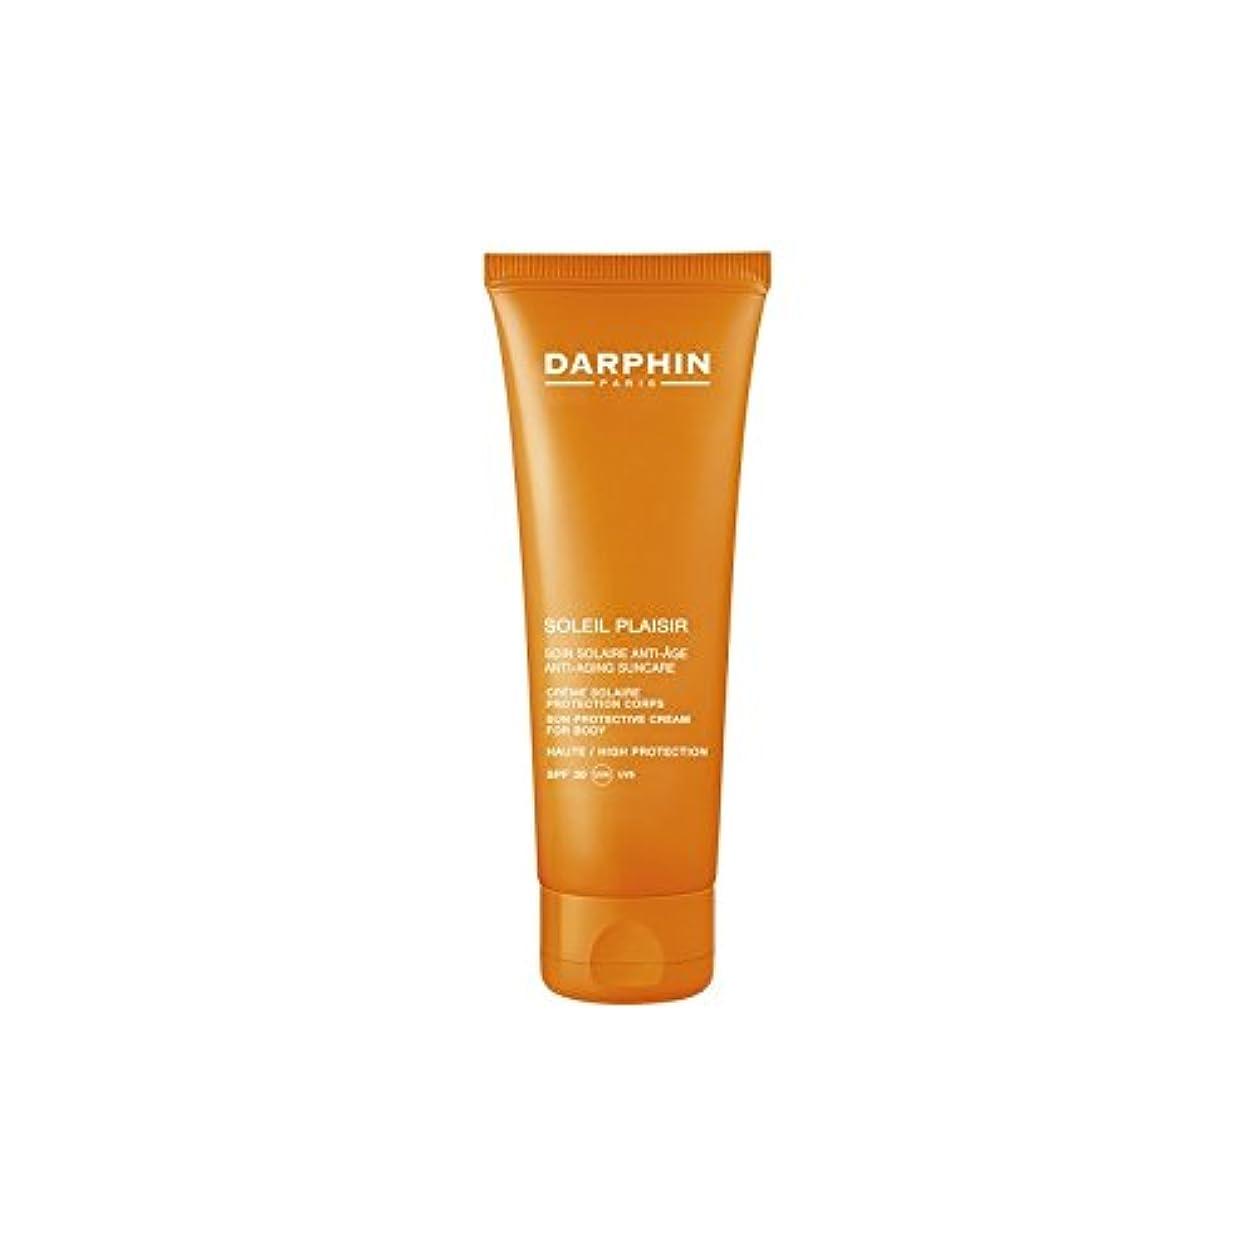 シットコム詳細に過言Darphin Soleil Plaisir Body Cream (Pack of 6) - ダルファンソレイユプレジールボディクリーム x6 [並行輸入品]